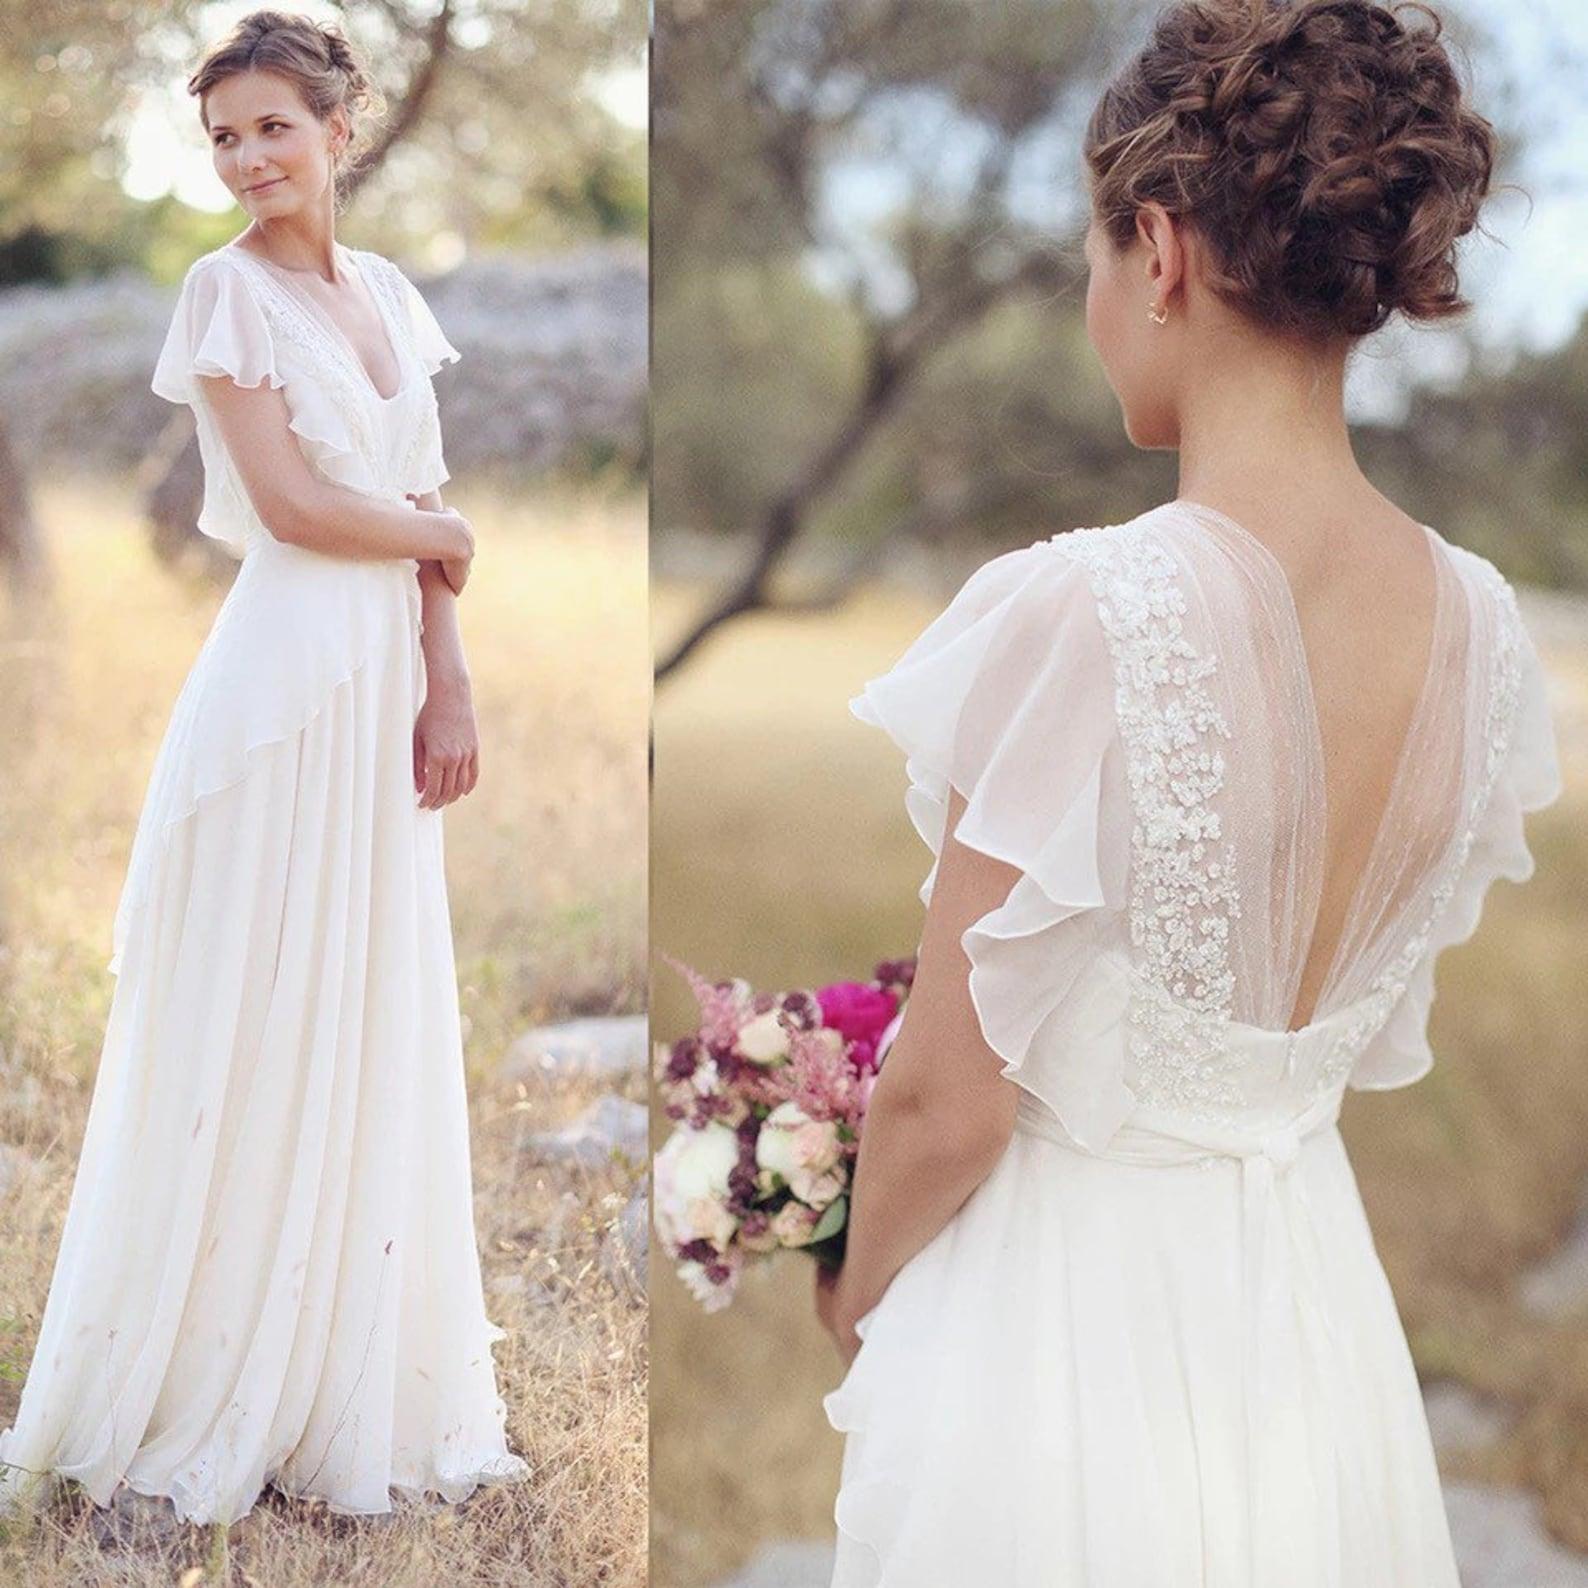 Lace and chiffon wedding dress